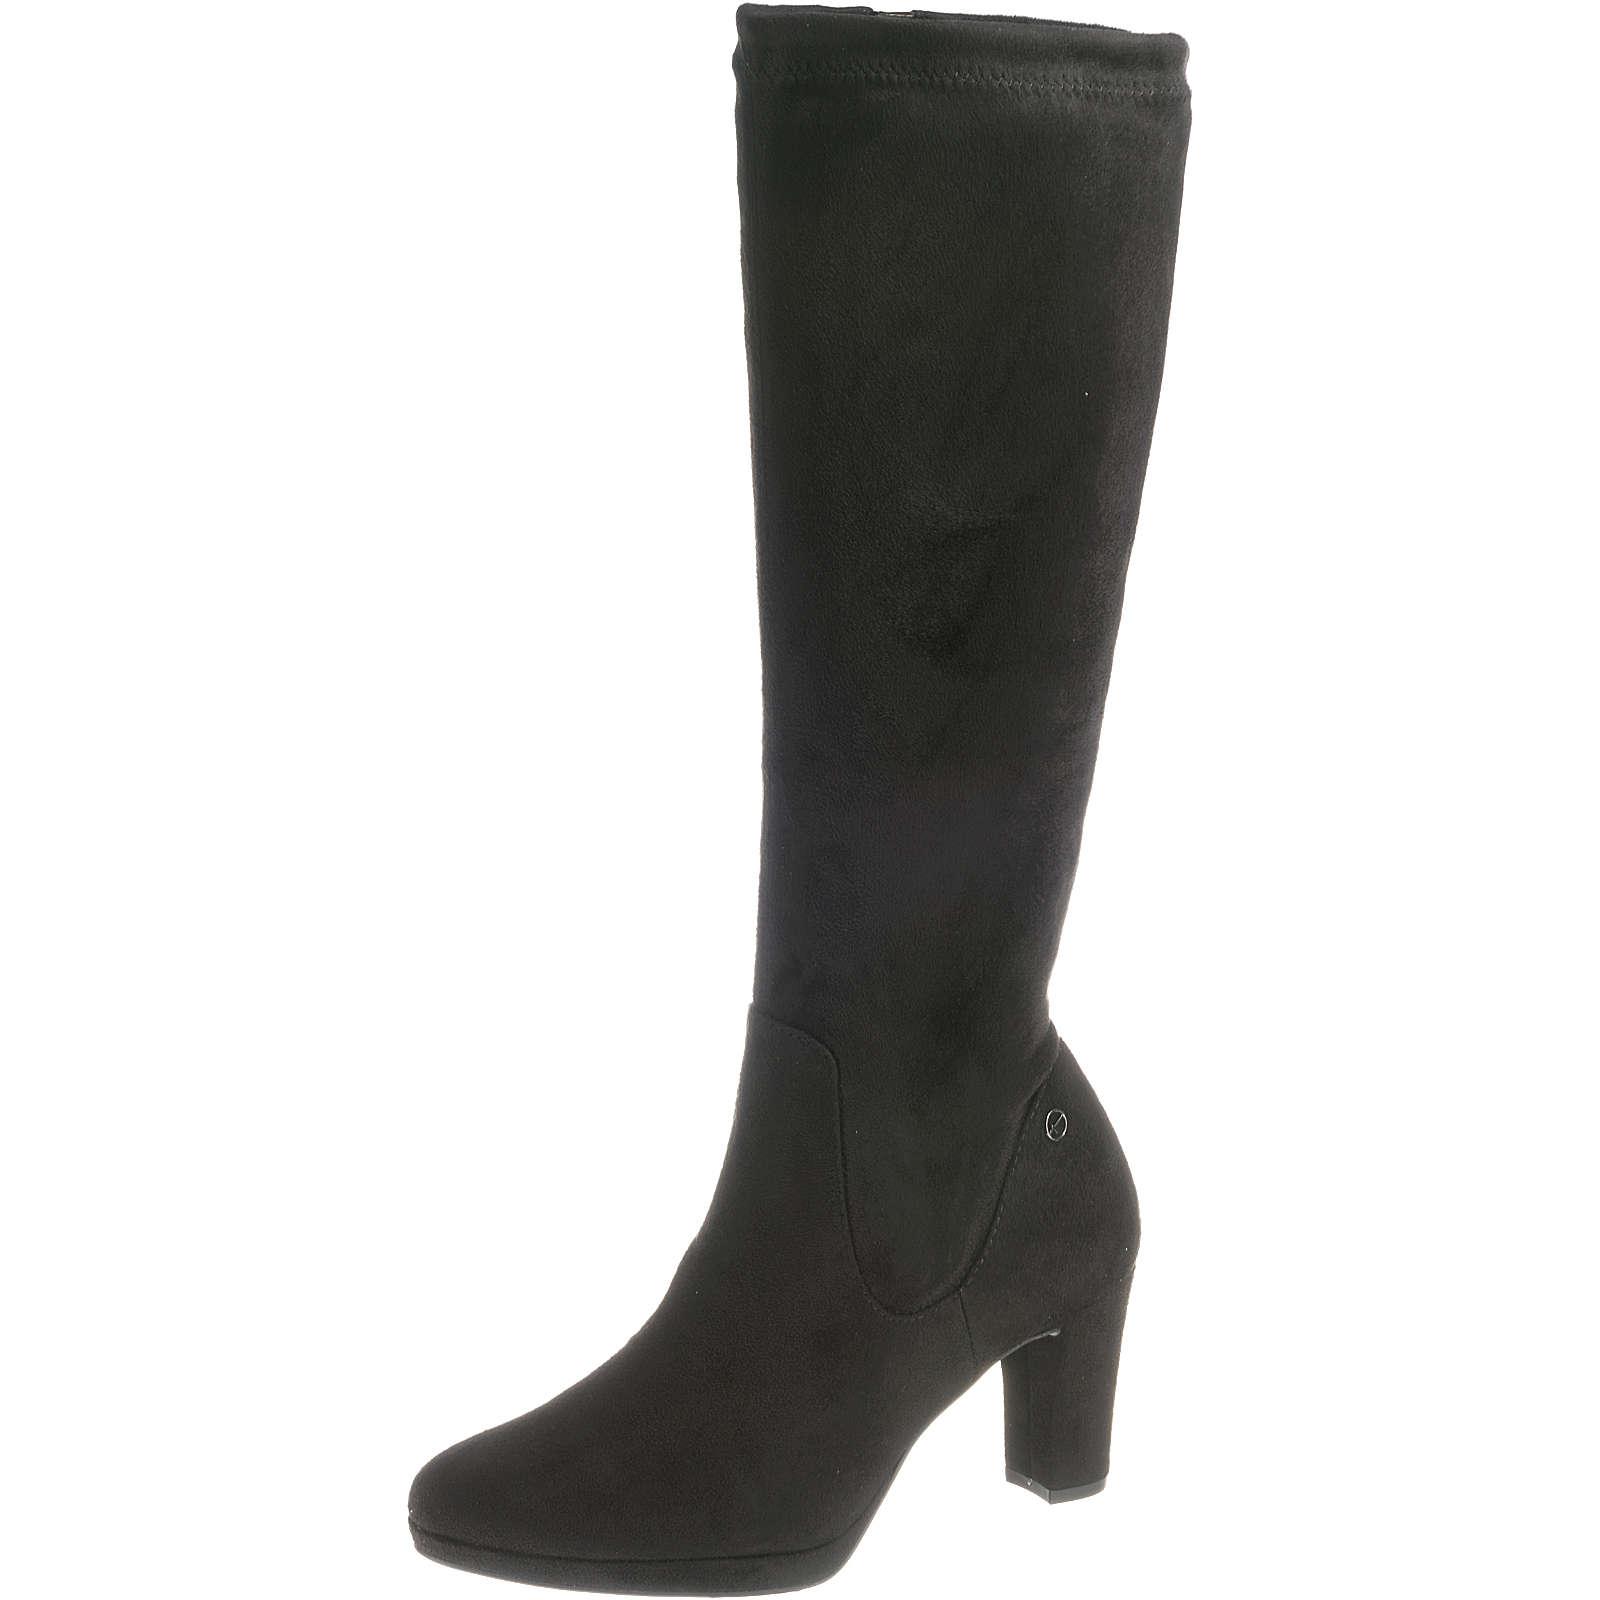 Tamaris Klassische Stiefel schwarz Damen Gr. 41